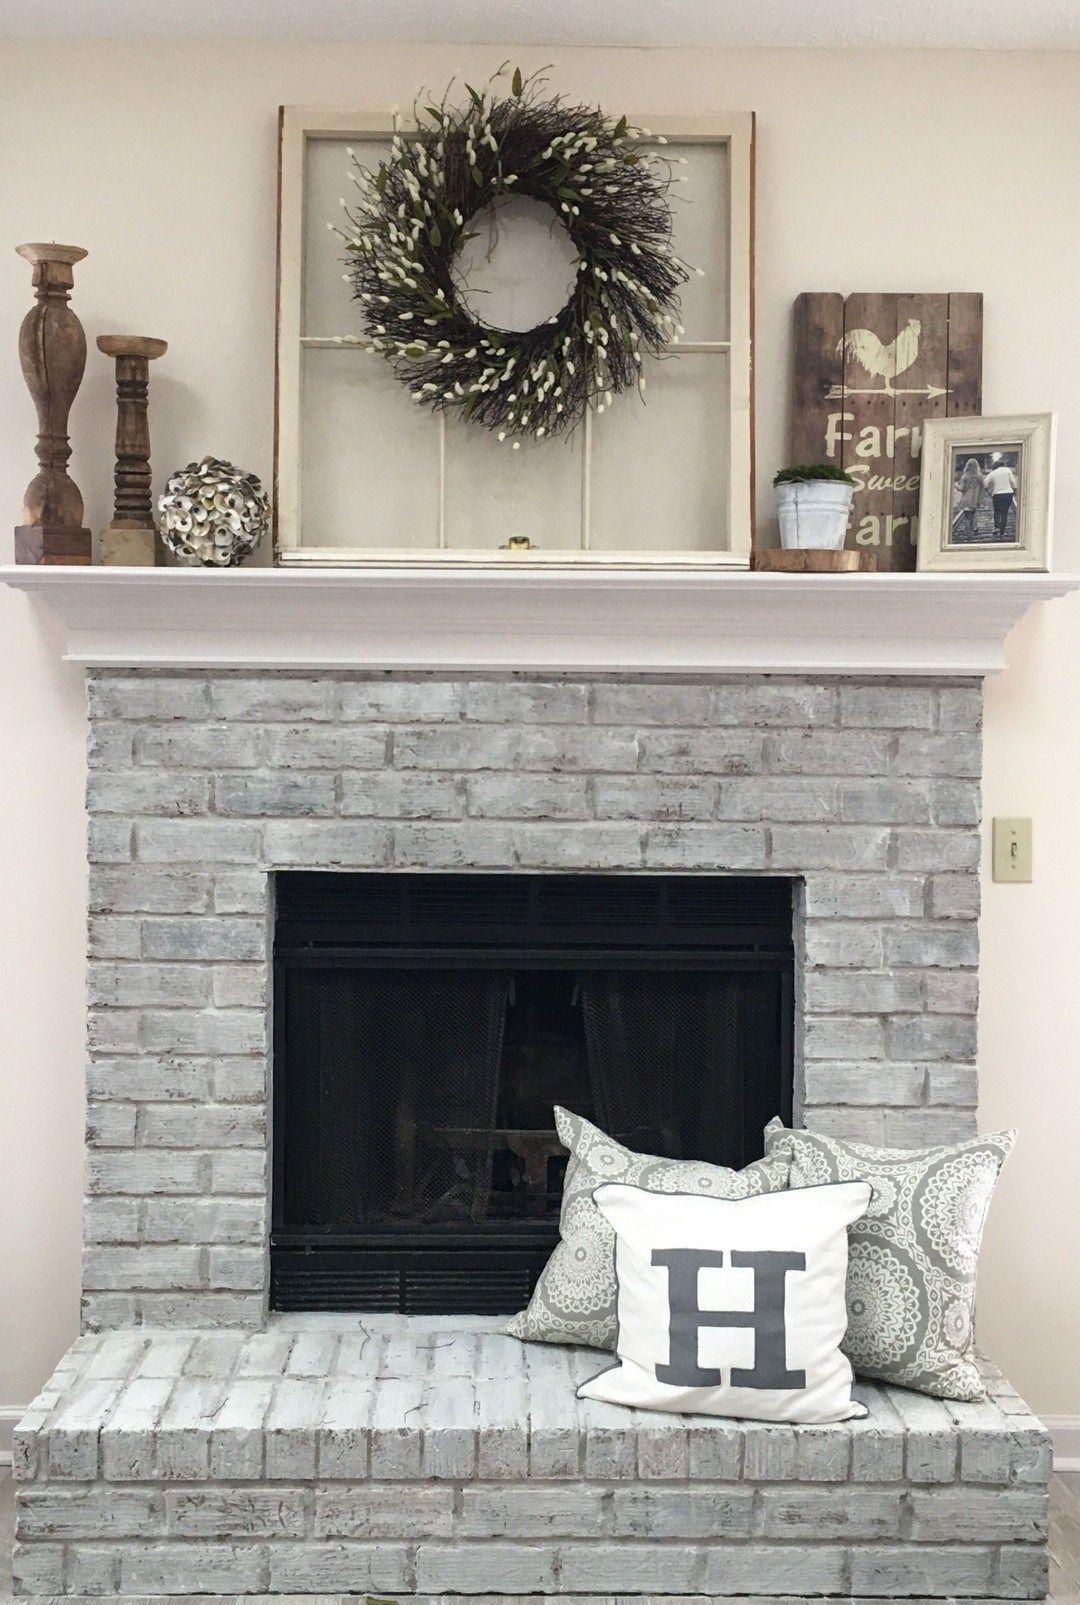 30  Interesting Fireplace Makeover For Farmhouse Home Decor - Home Decor Ideas 2020